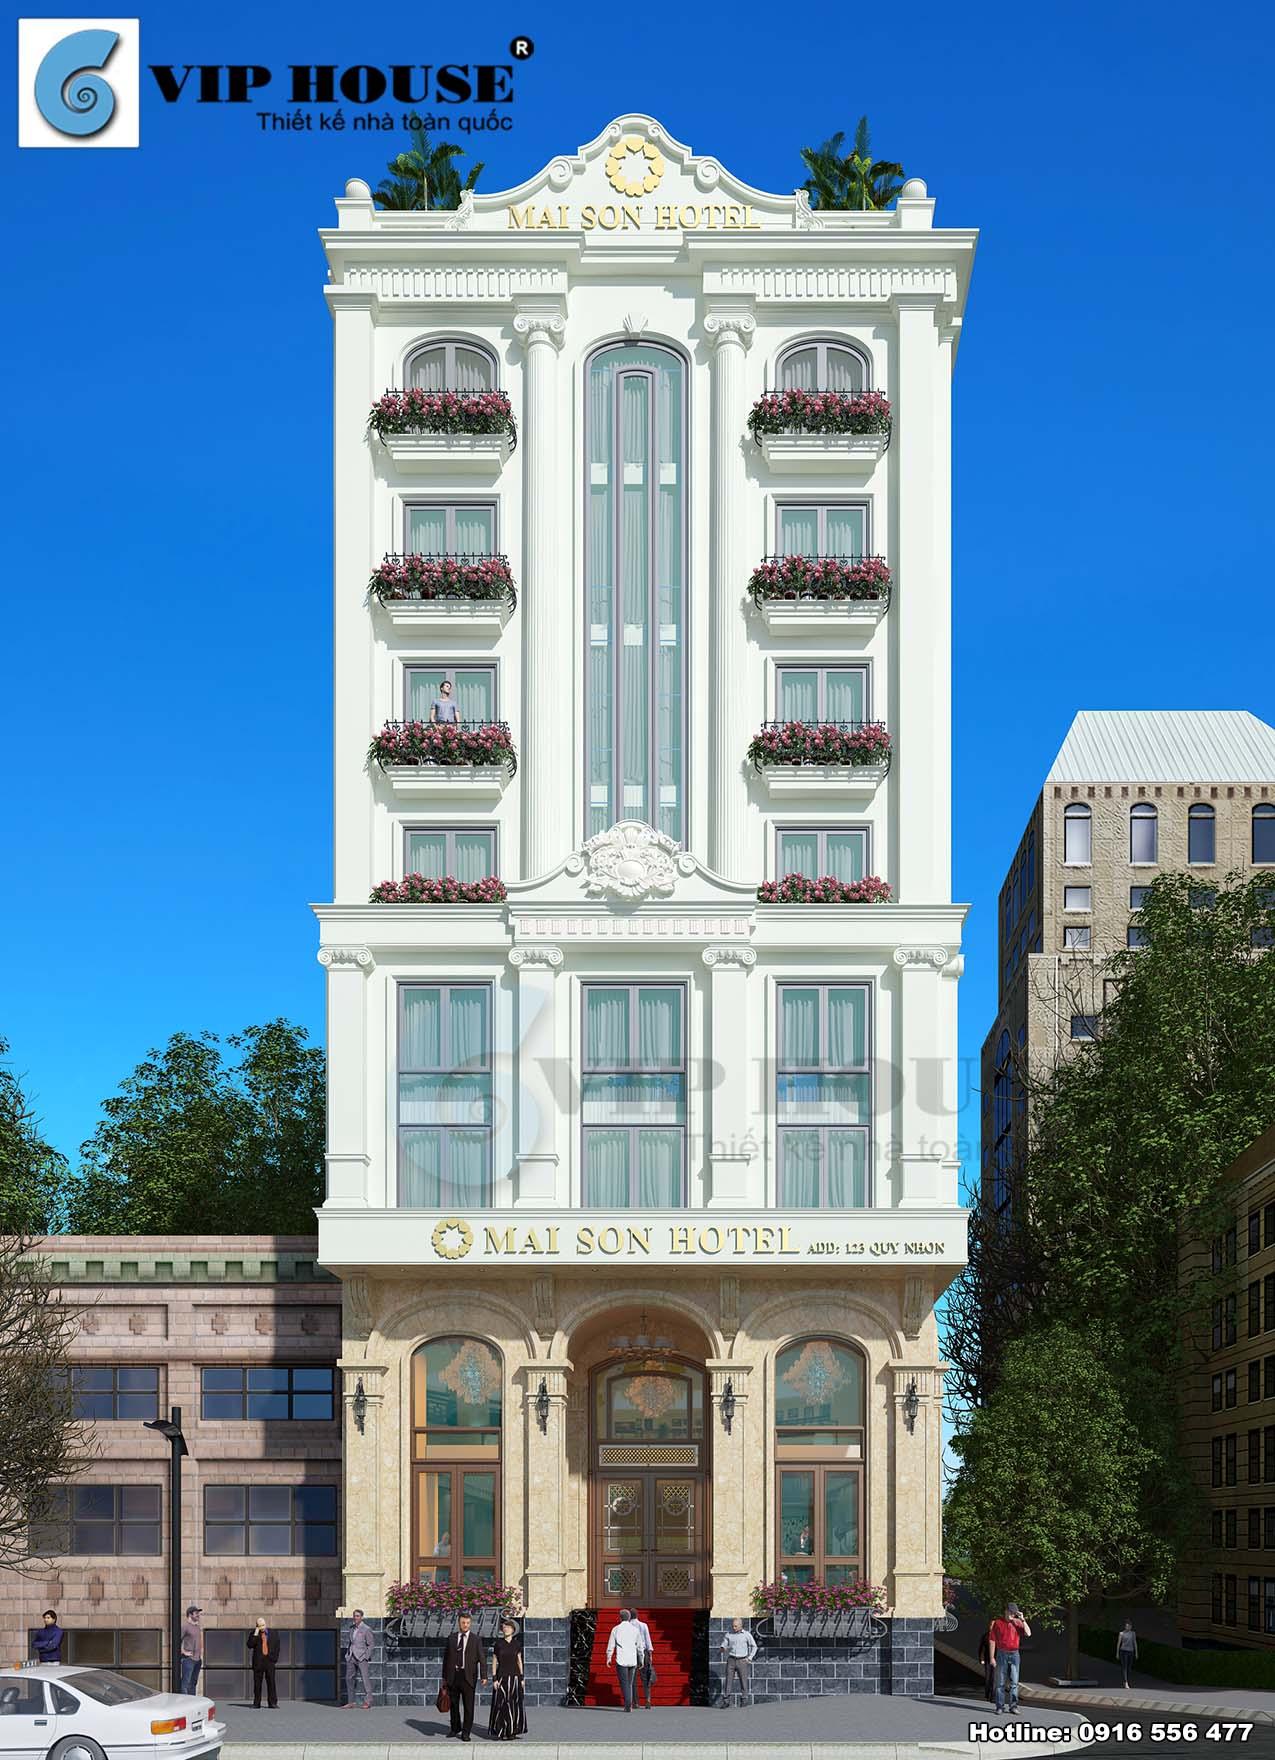 Hình ảnh: Phối cảnh mặt tiền thiết kế khách sạn 3 sao Mai Son Hotel đẹp thu hút mọi ánh nhìn